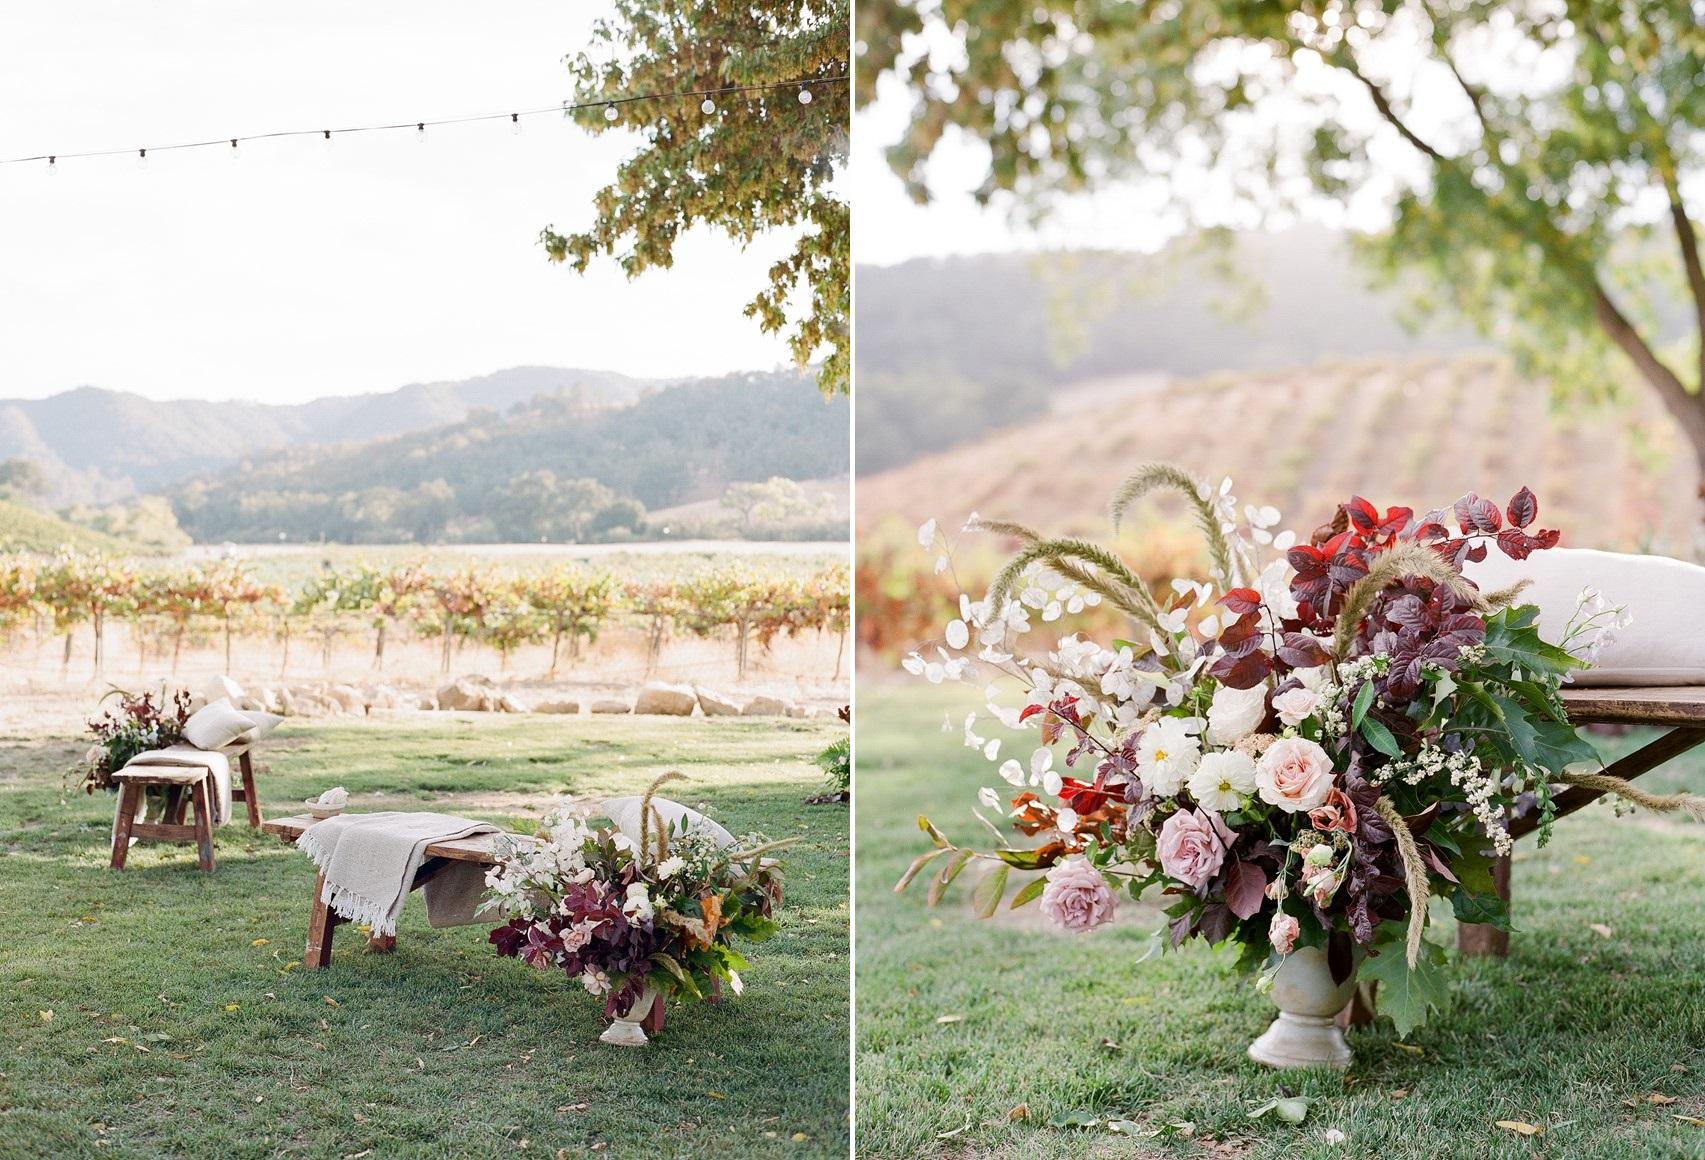 Floral Outdoor Wedding Ceremony Decor